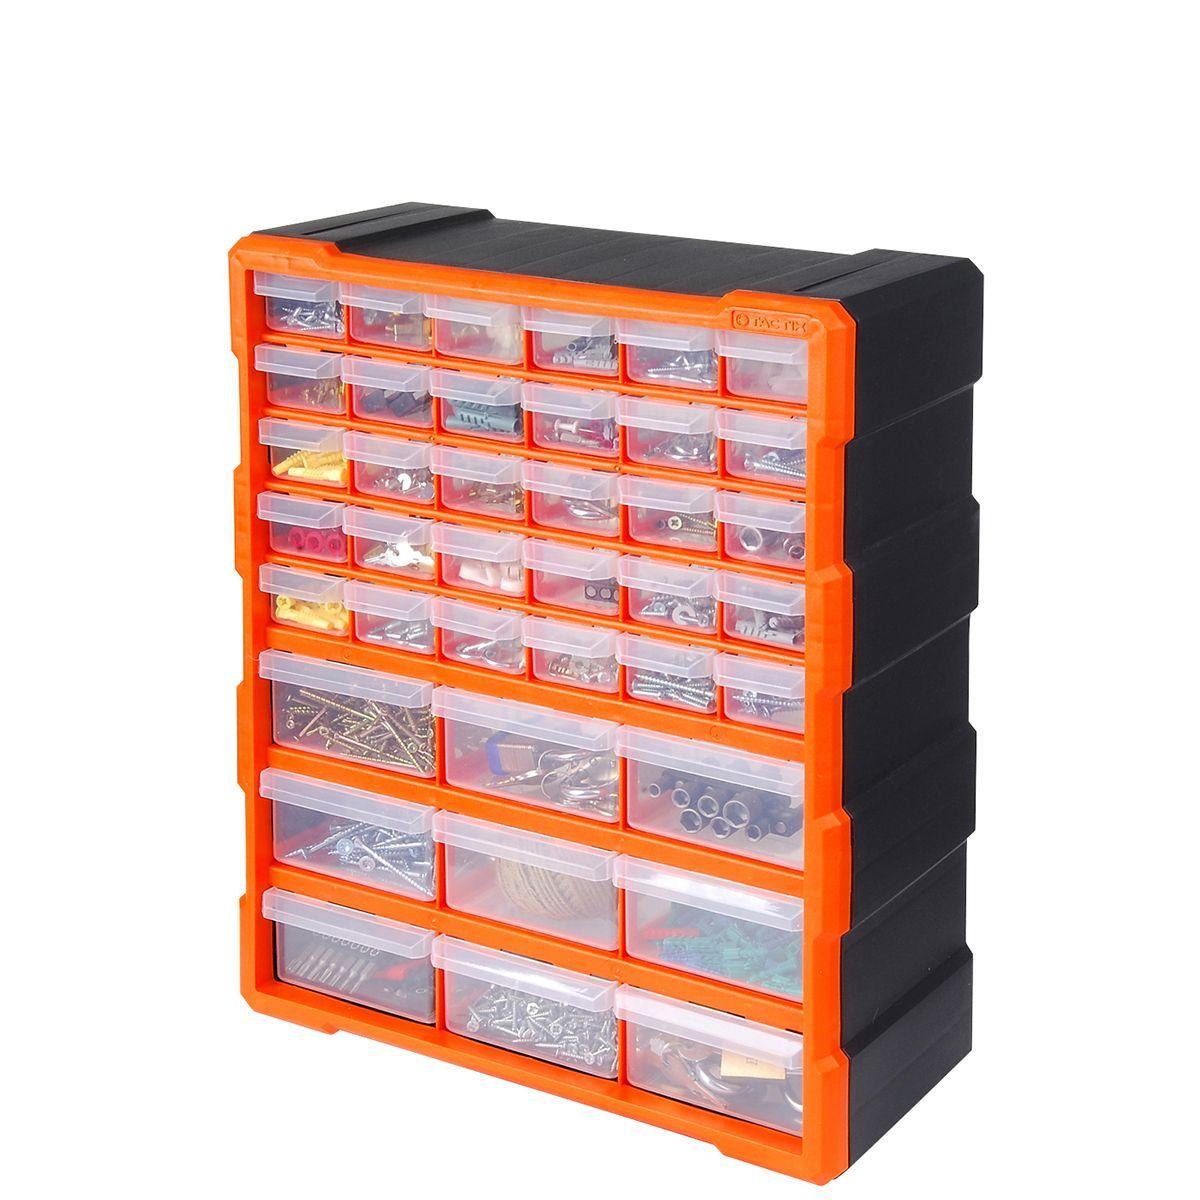 39 Drawer Hardware Storage Cabinet  sc 1 st  Pinterest & 39 Drawer Hardware Storage Cabinet | Odds | Pinterest